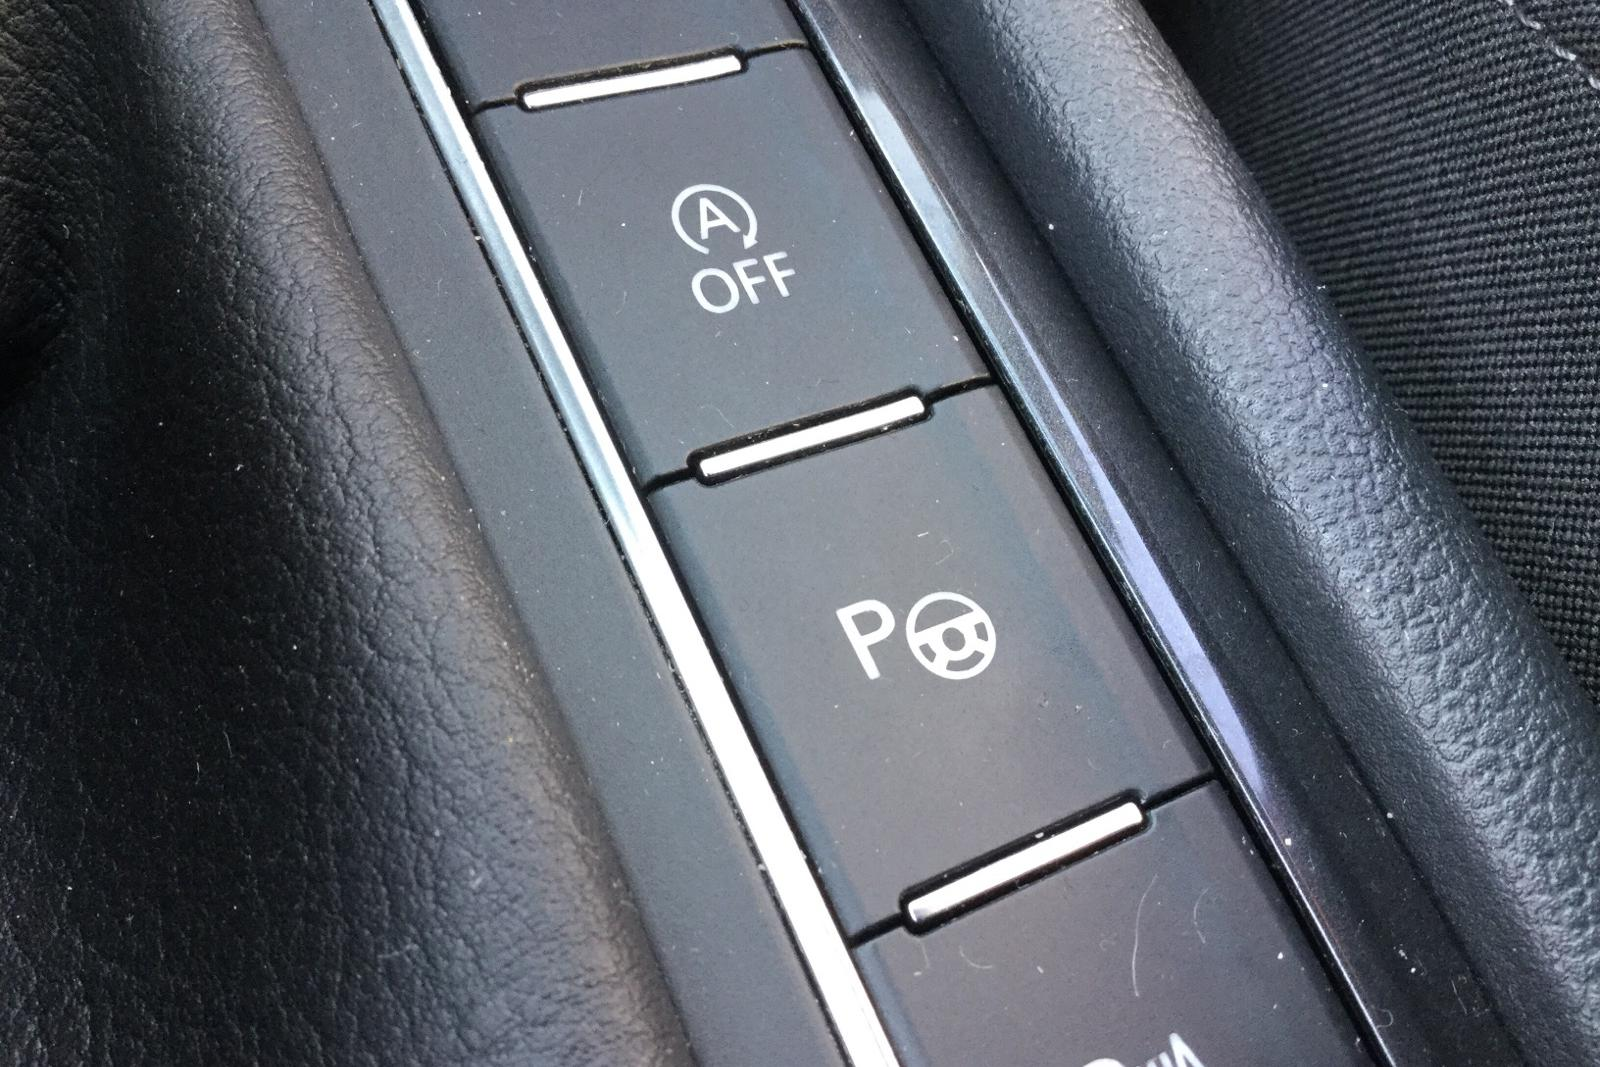 VW Tiguan 2.0 TDI 4MOTION (190hk) - 0 km - Automatic - white - 2018